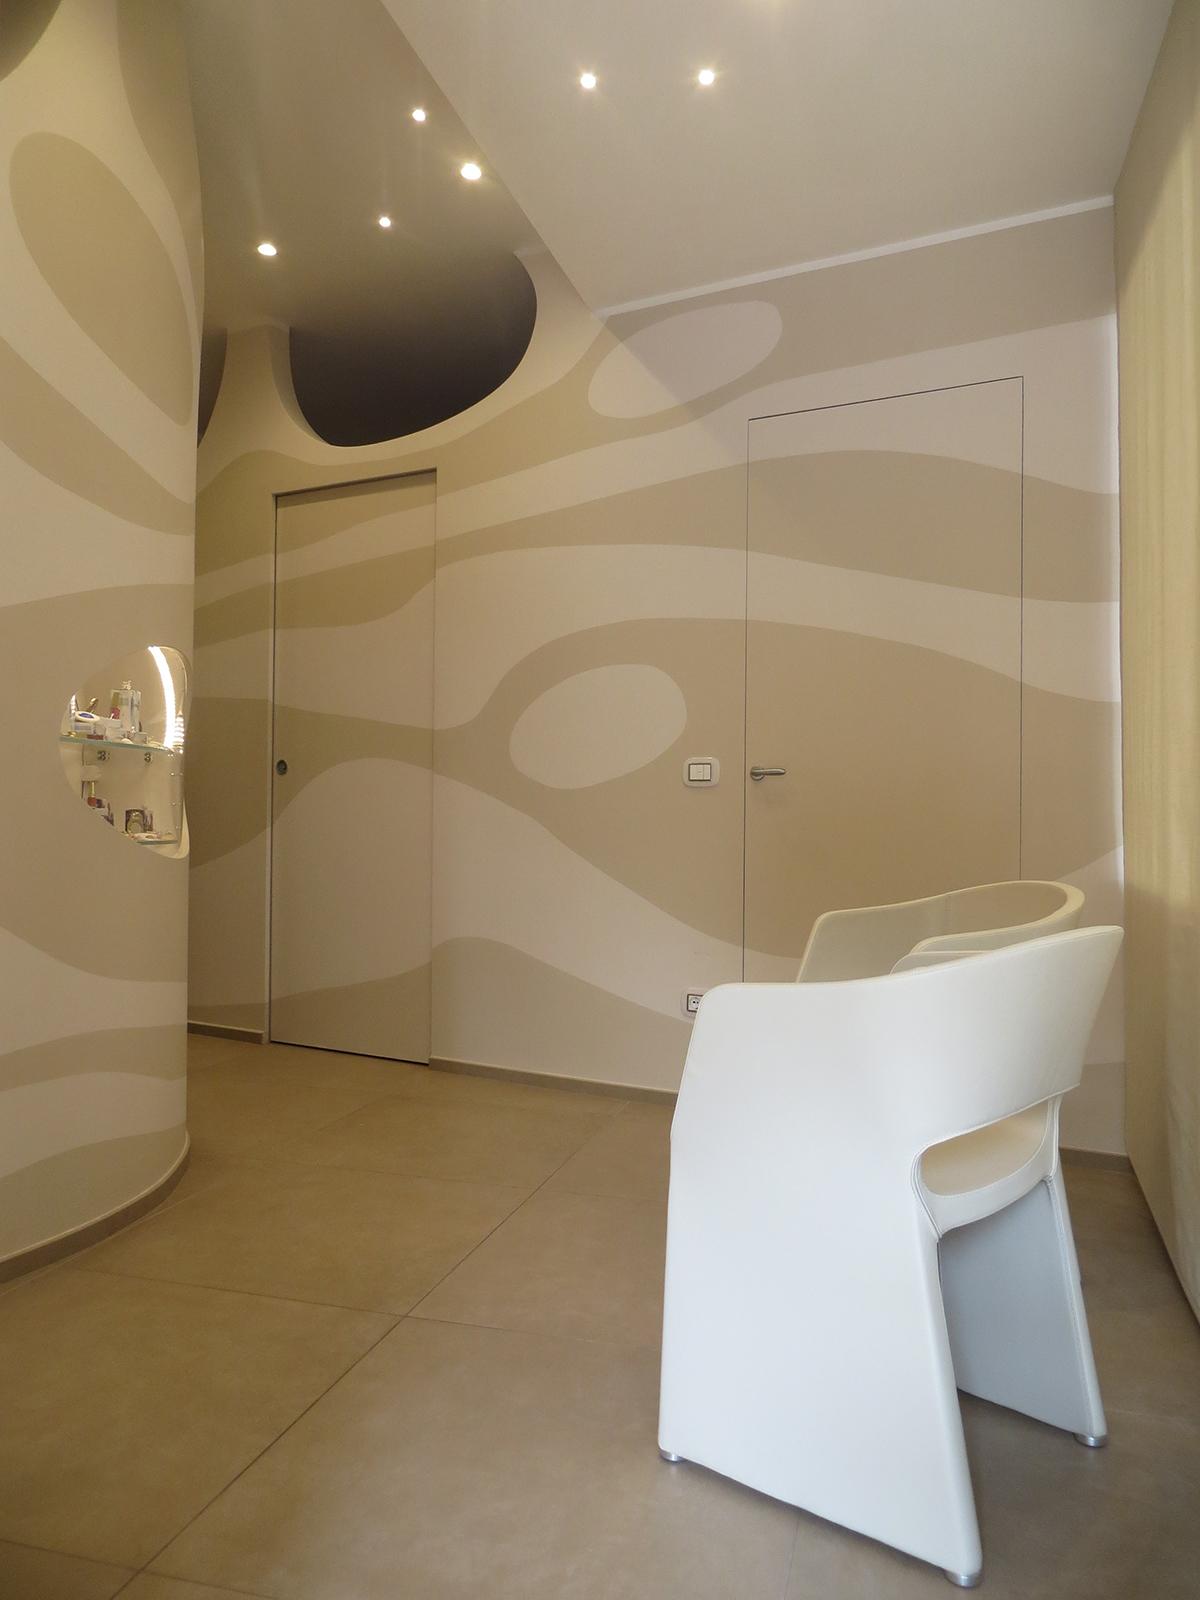 Studio-di-architettura-Baisotti-Sigala-prgetti224